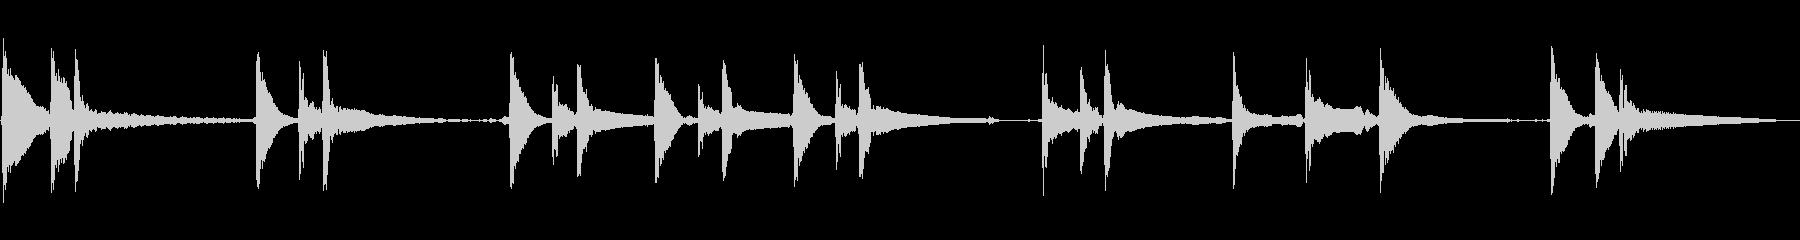 音響ベース:ラストポストアクセント...の未再生の波形